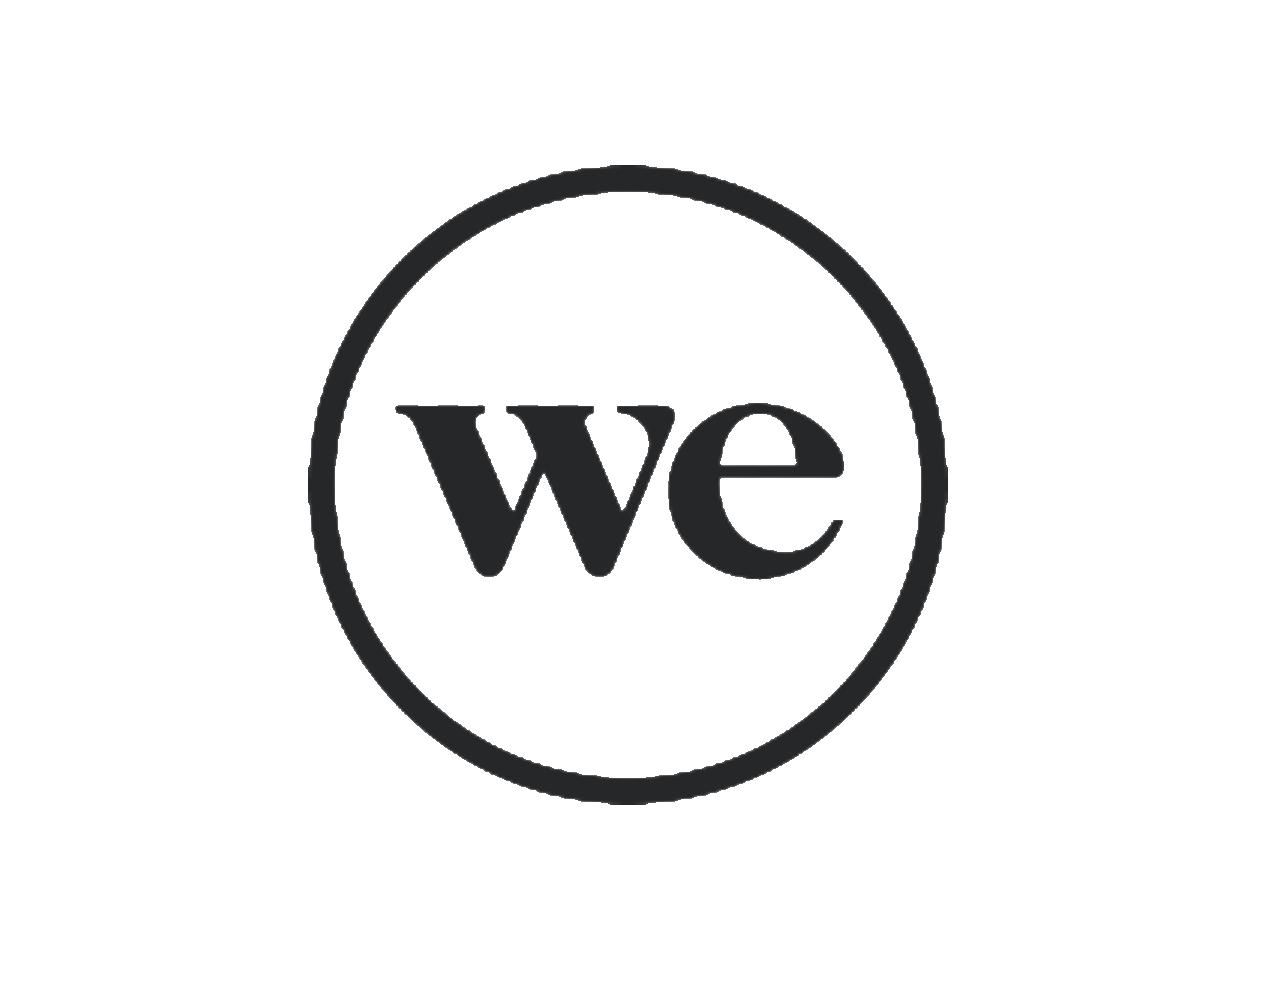 logo-we.png